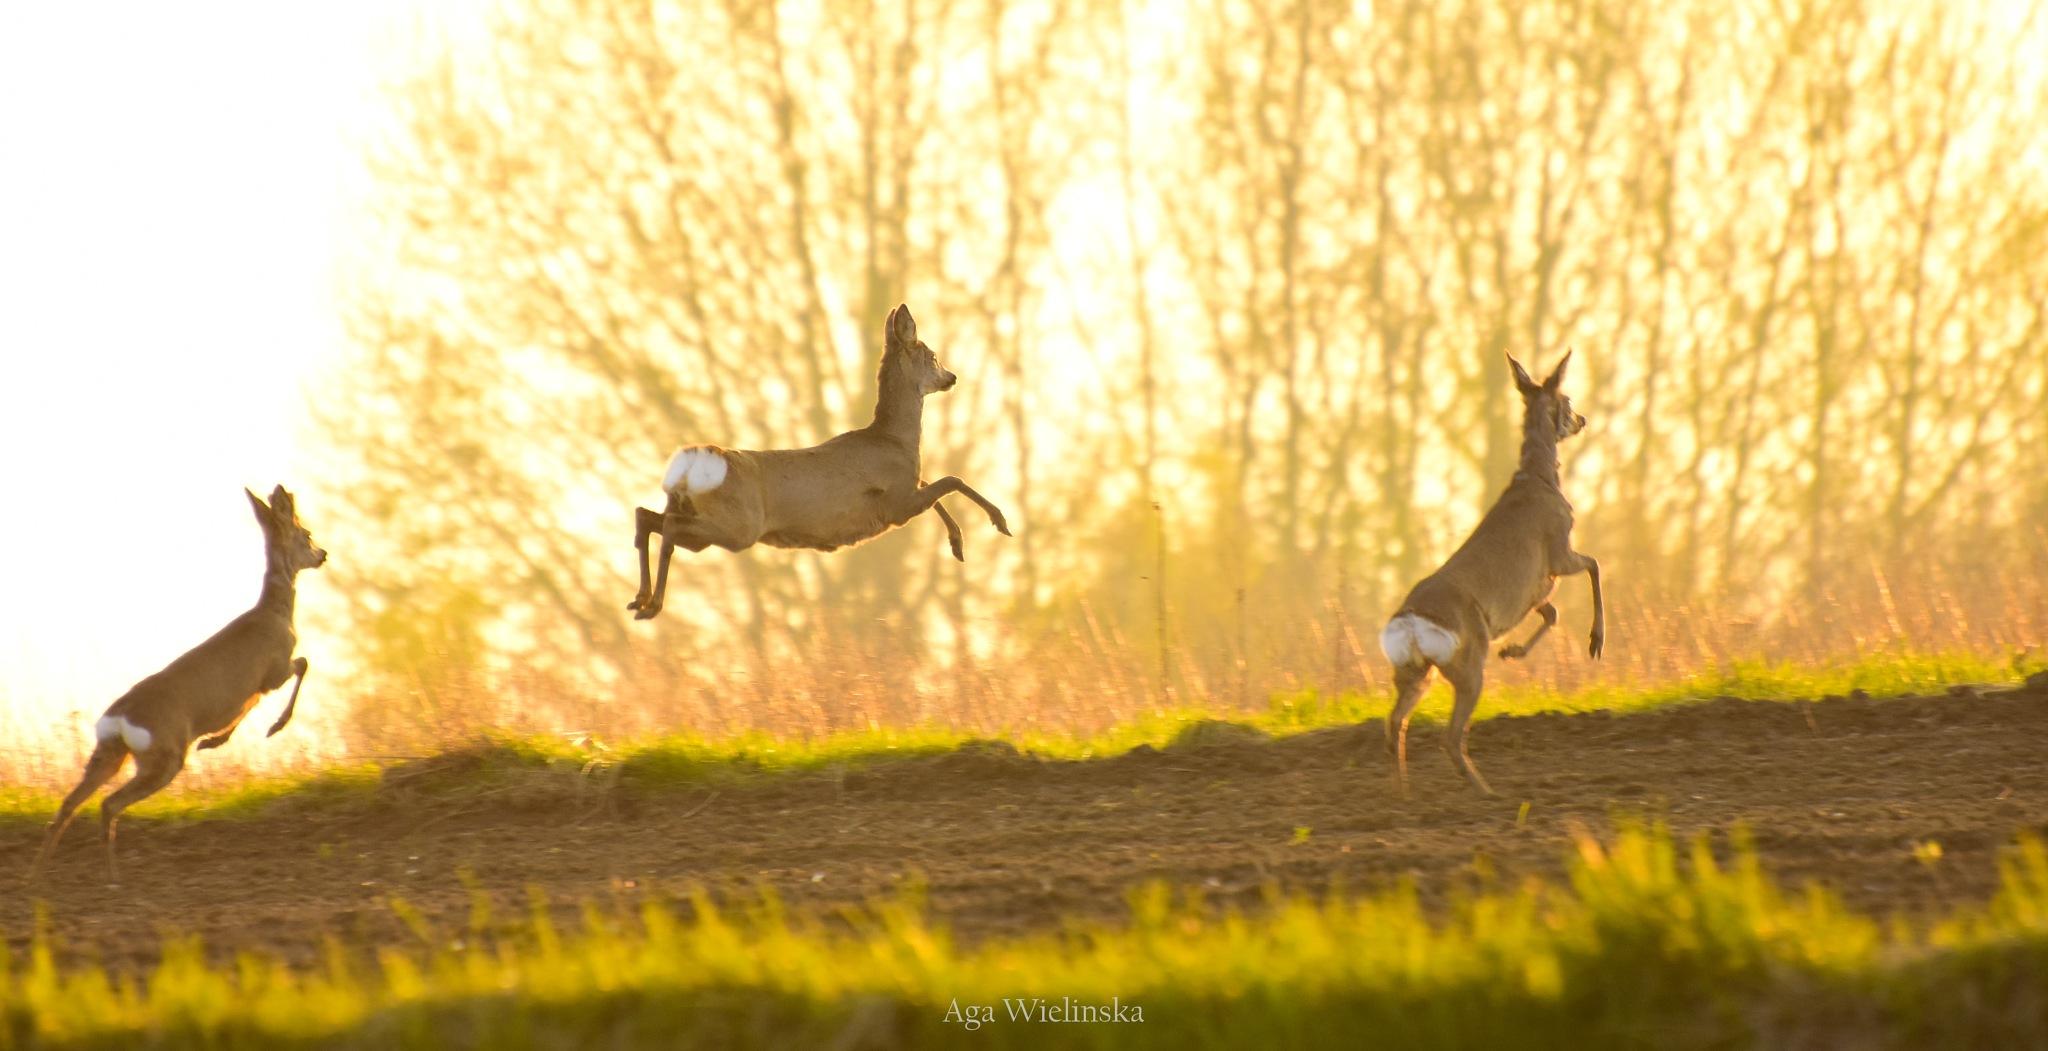 Photo in Animal #jump #jumper #jumping #run #sport #extreme #roe deer #deer #deers #animal #animals #nature #naturephotography #naturephotographer #wild #wildlife #wildlifephotography #wildlifephotographer #spring #light